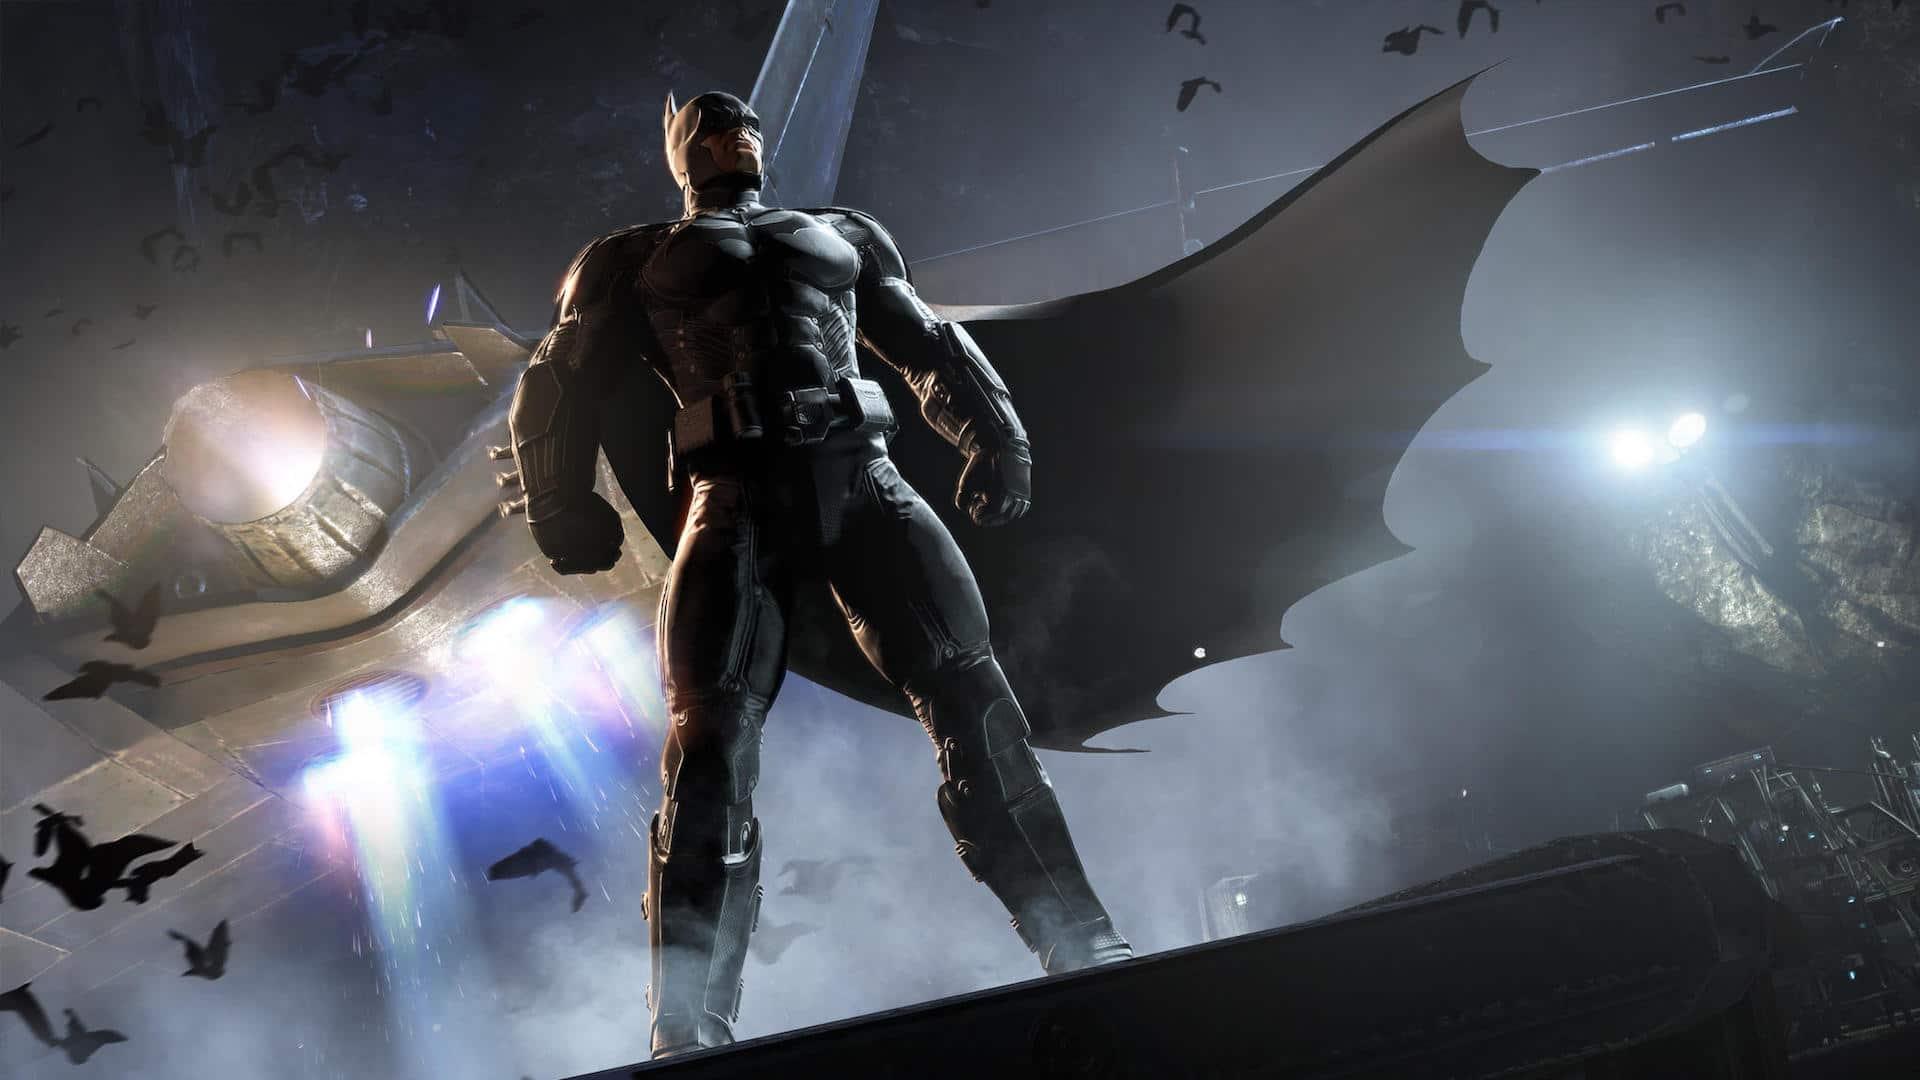 Batman Capture the Knight GamersRD